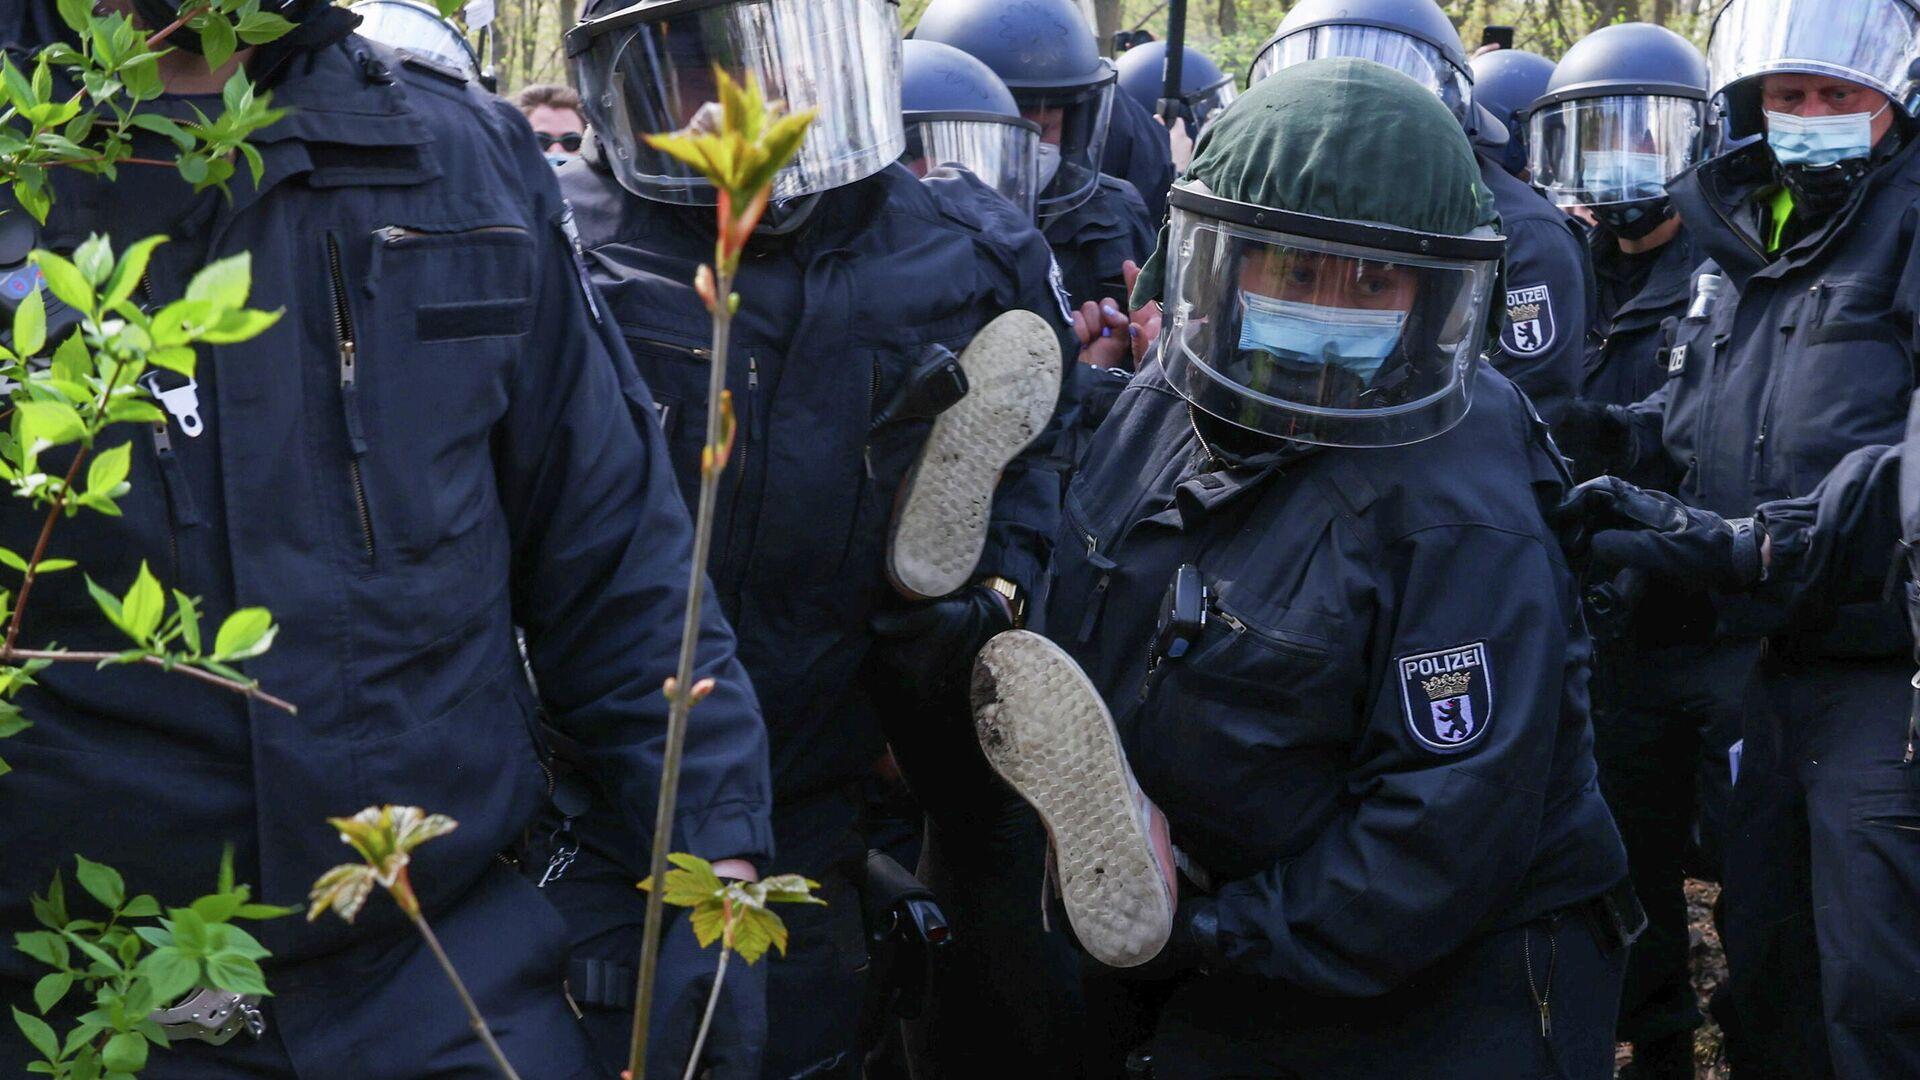 Полиция держит протестующего на акции протеста против коронавирусных ограничений в Берлине  - РИА Новости, 1920, 01.08.2021